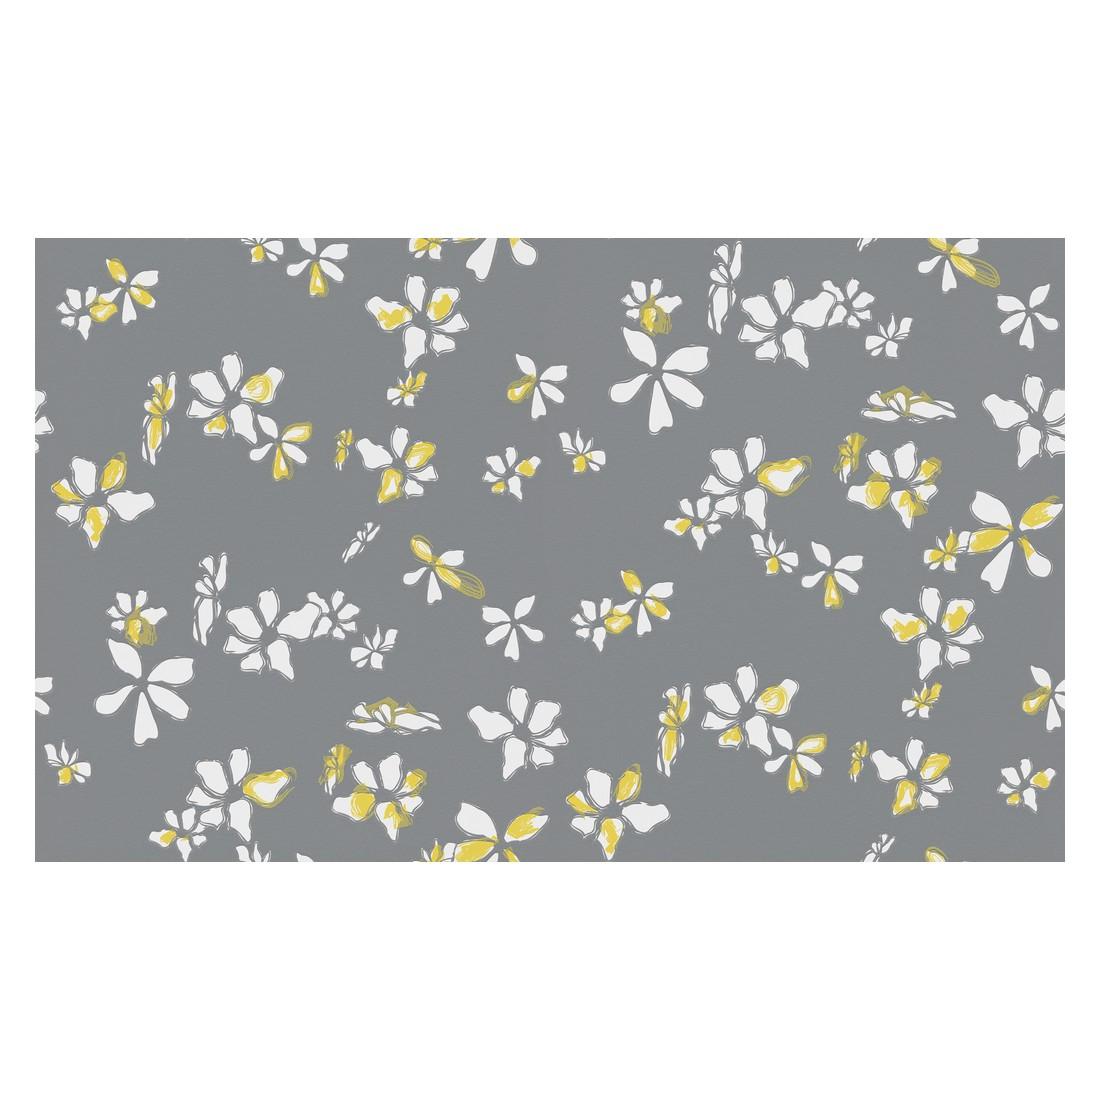 Vliestapete NAF-NAF – gelb, grau, weiß – fein strukturiert – glatt, Home24Deko online bestellen